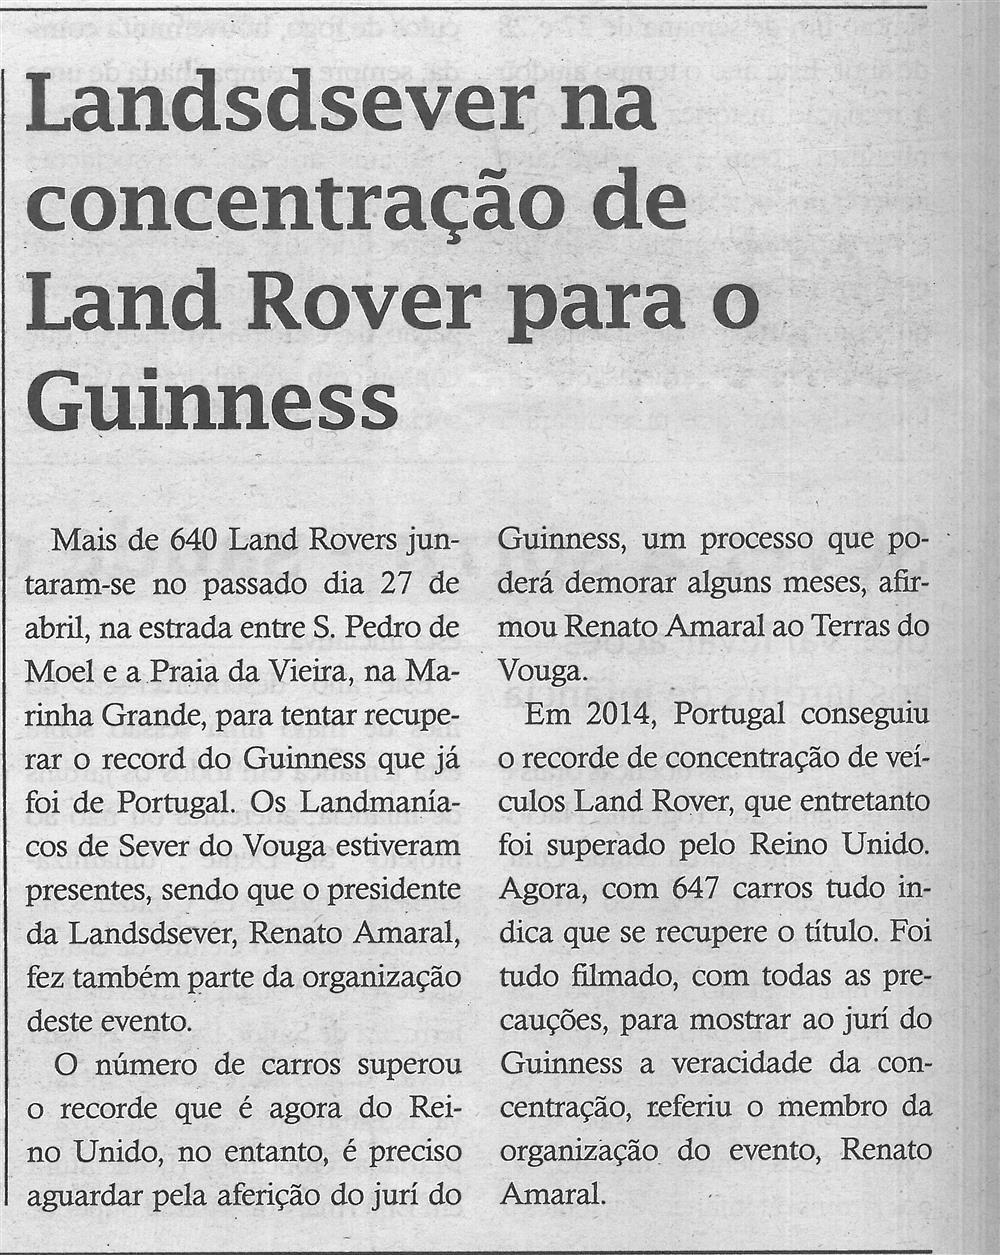 TV-maio'19-p.8-Landsdsever na concentração de Land Rover para o Guinness.jpg